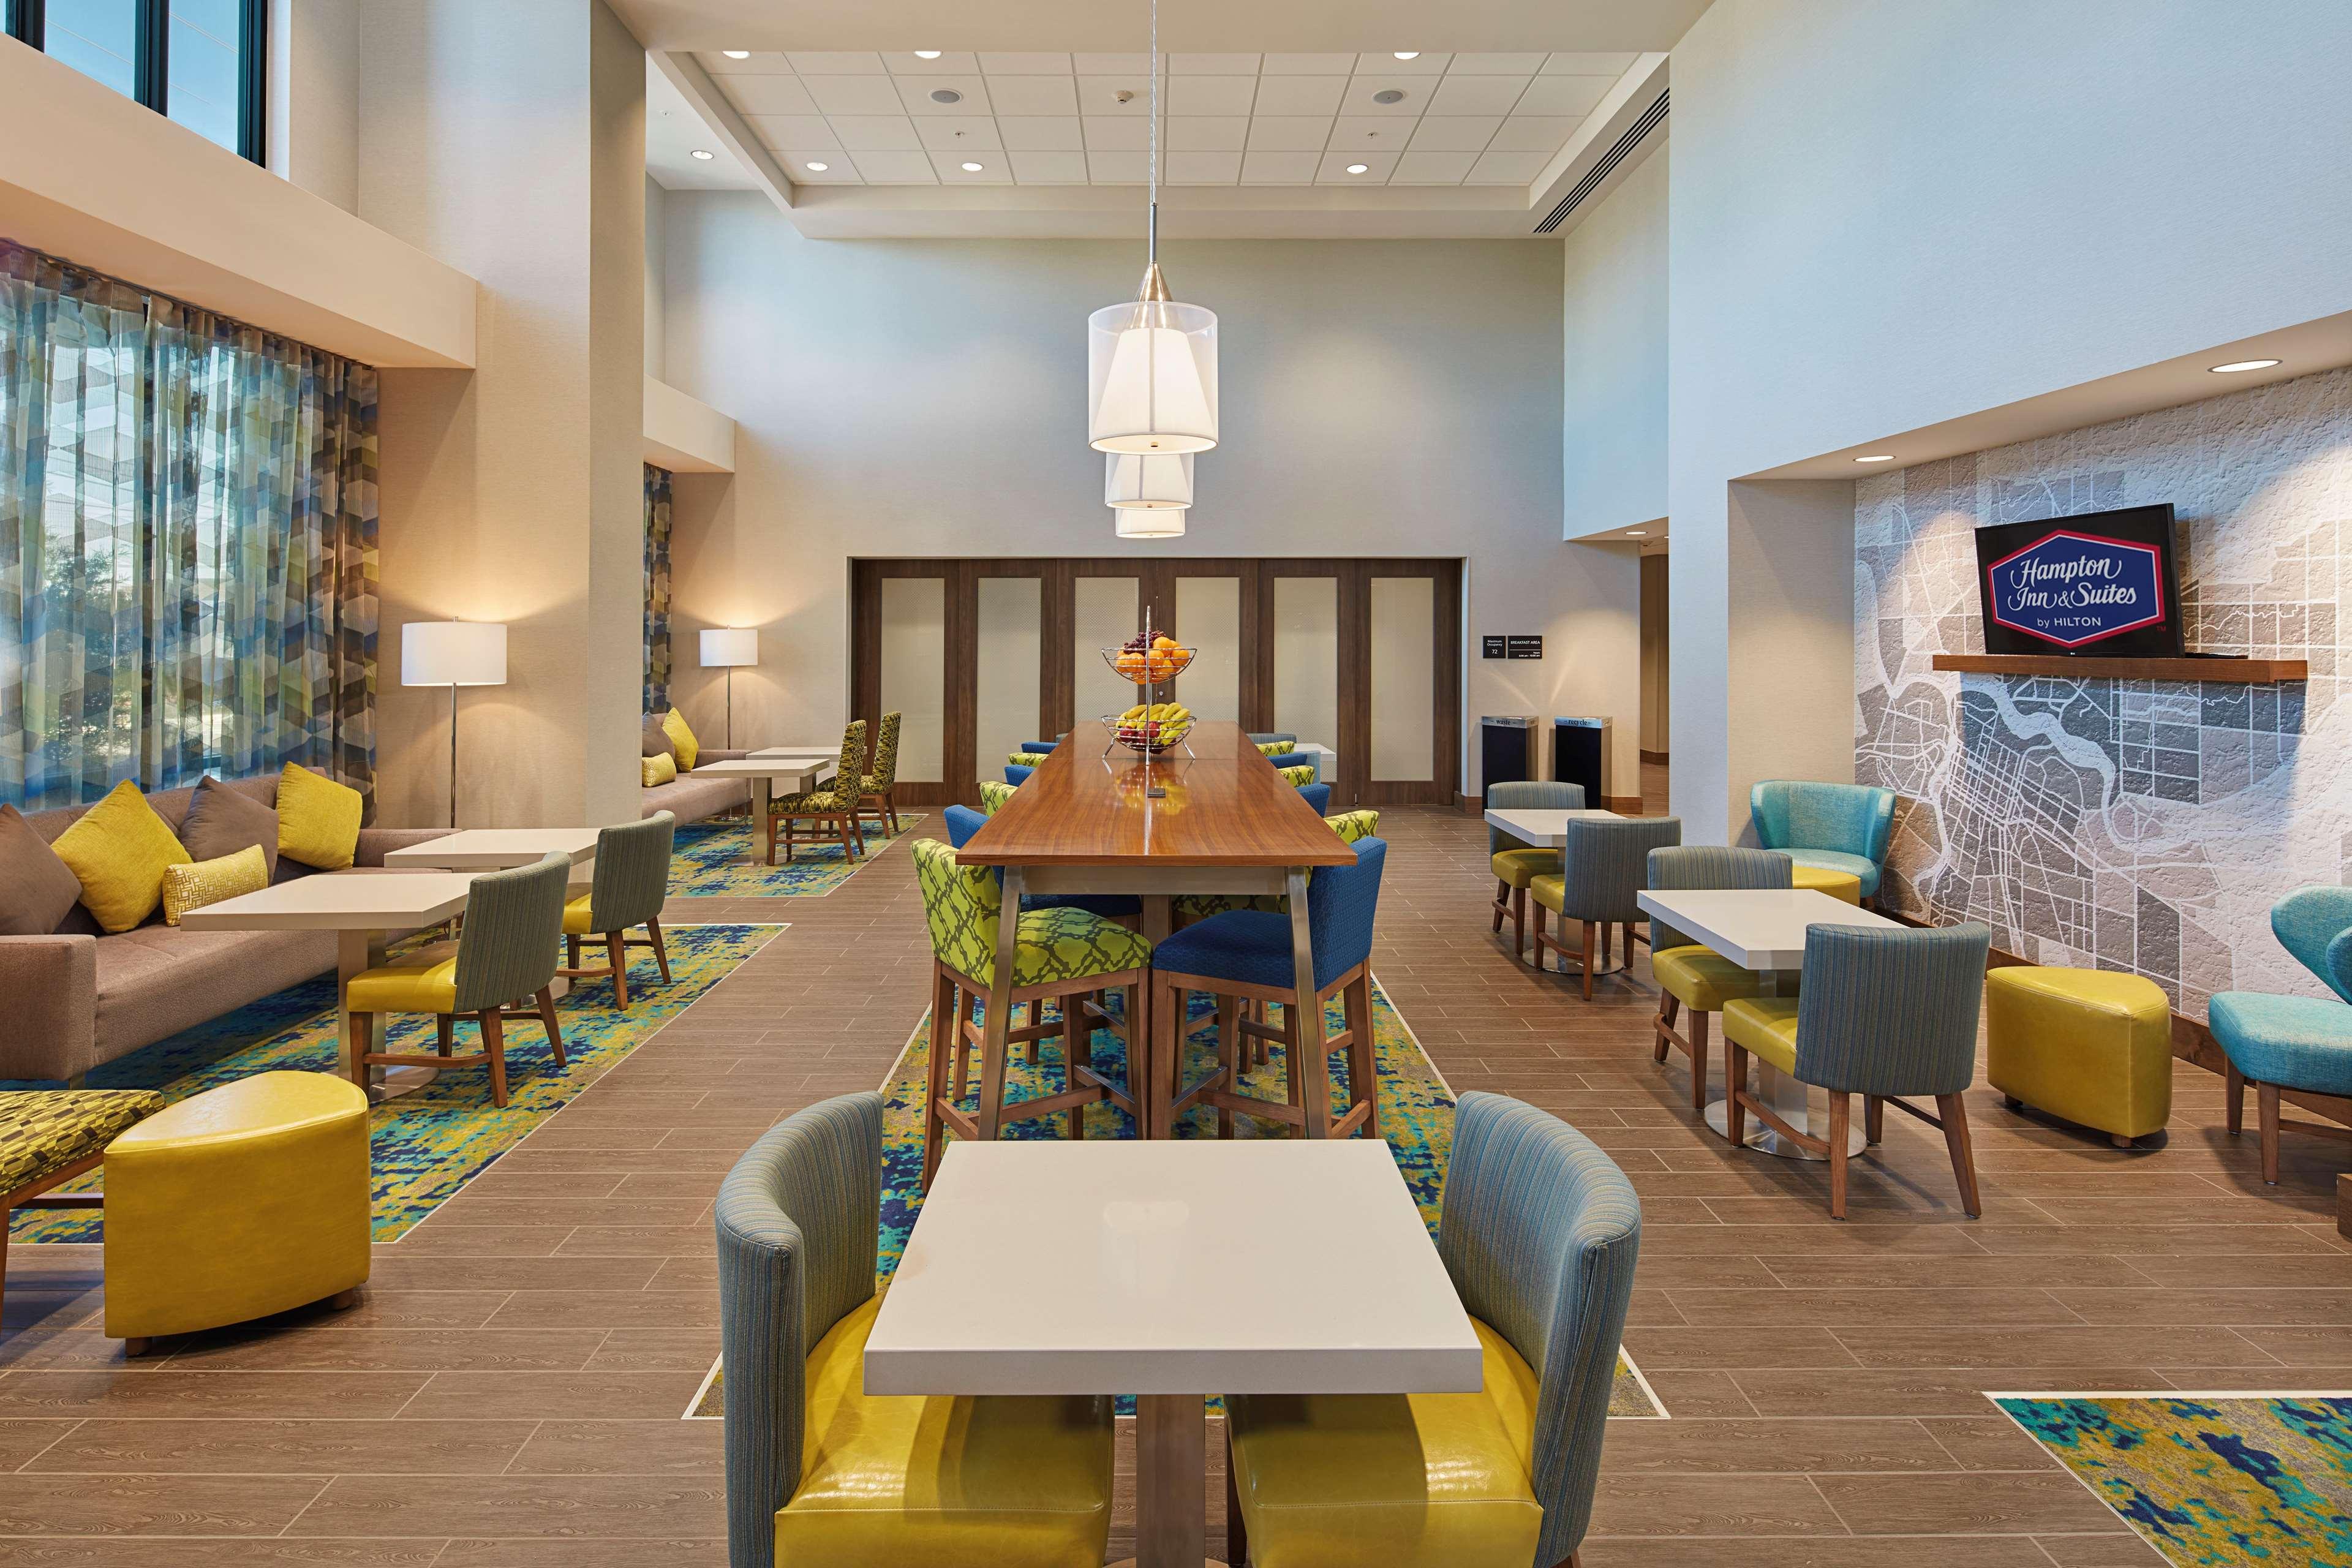 Hampton Inn & Suites Sacramento at CSUS image 7